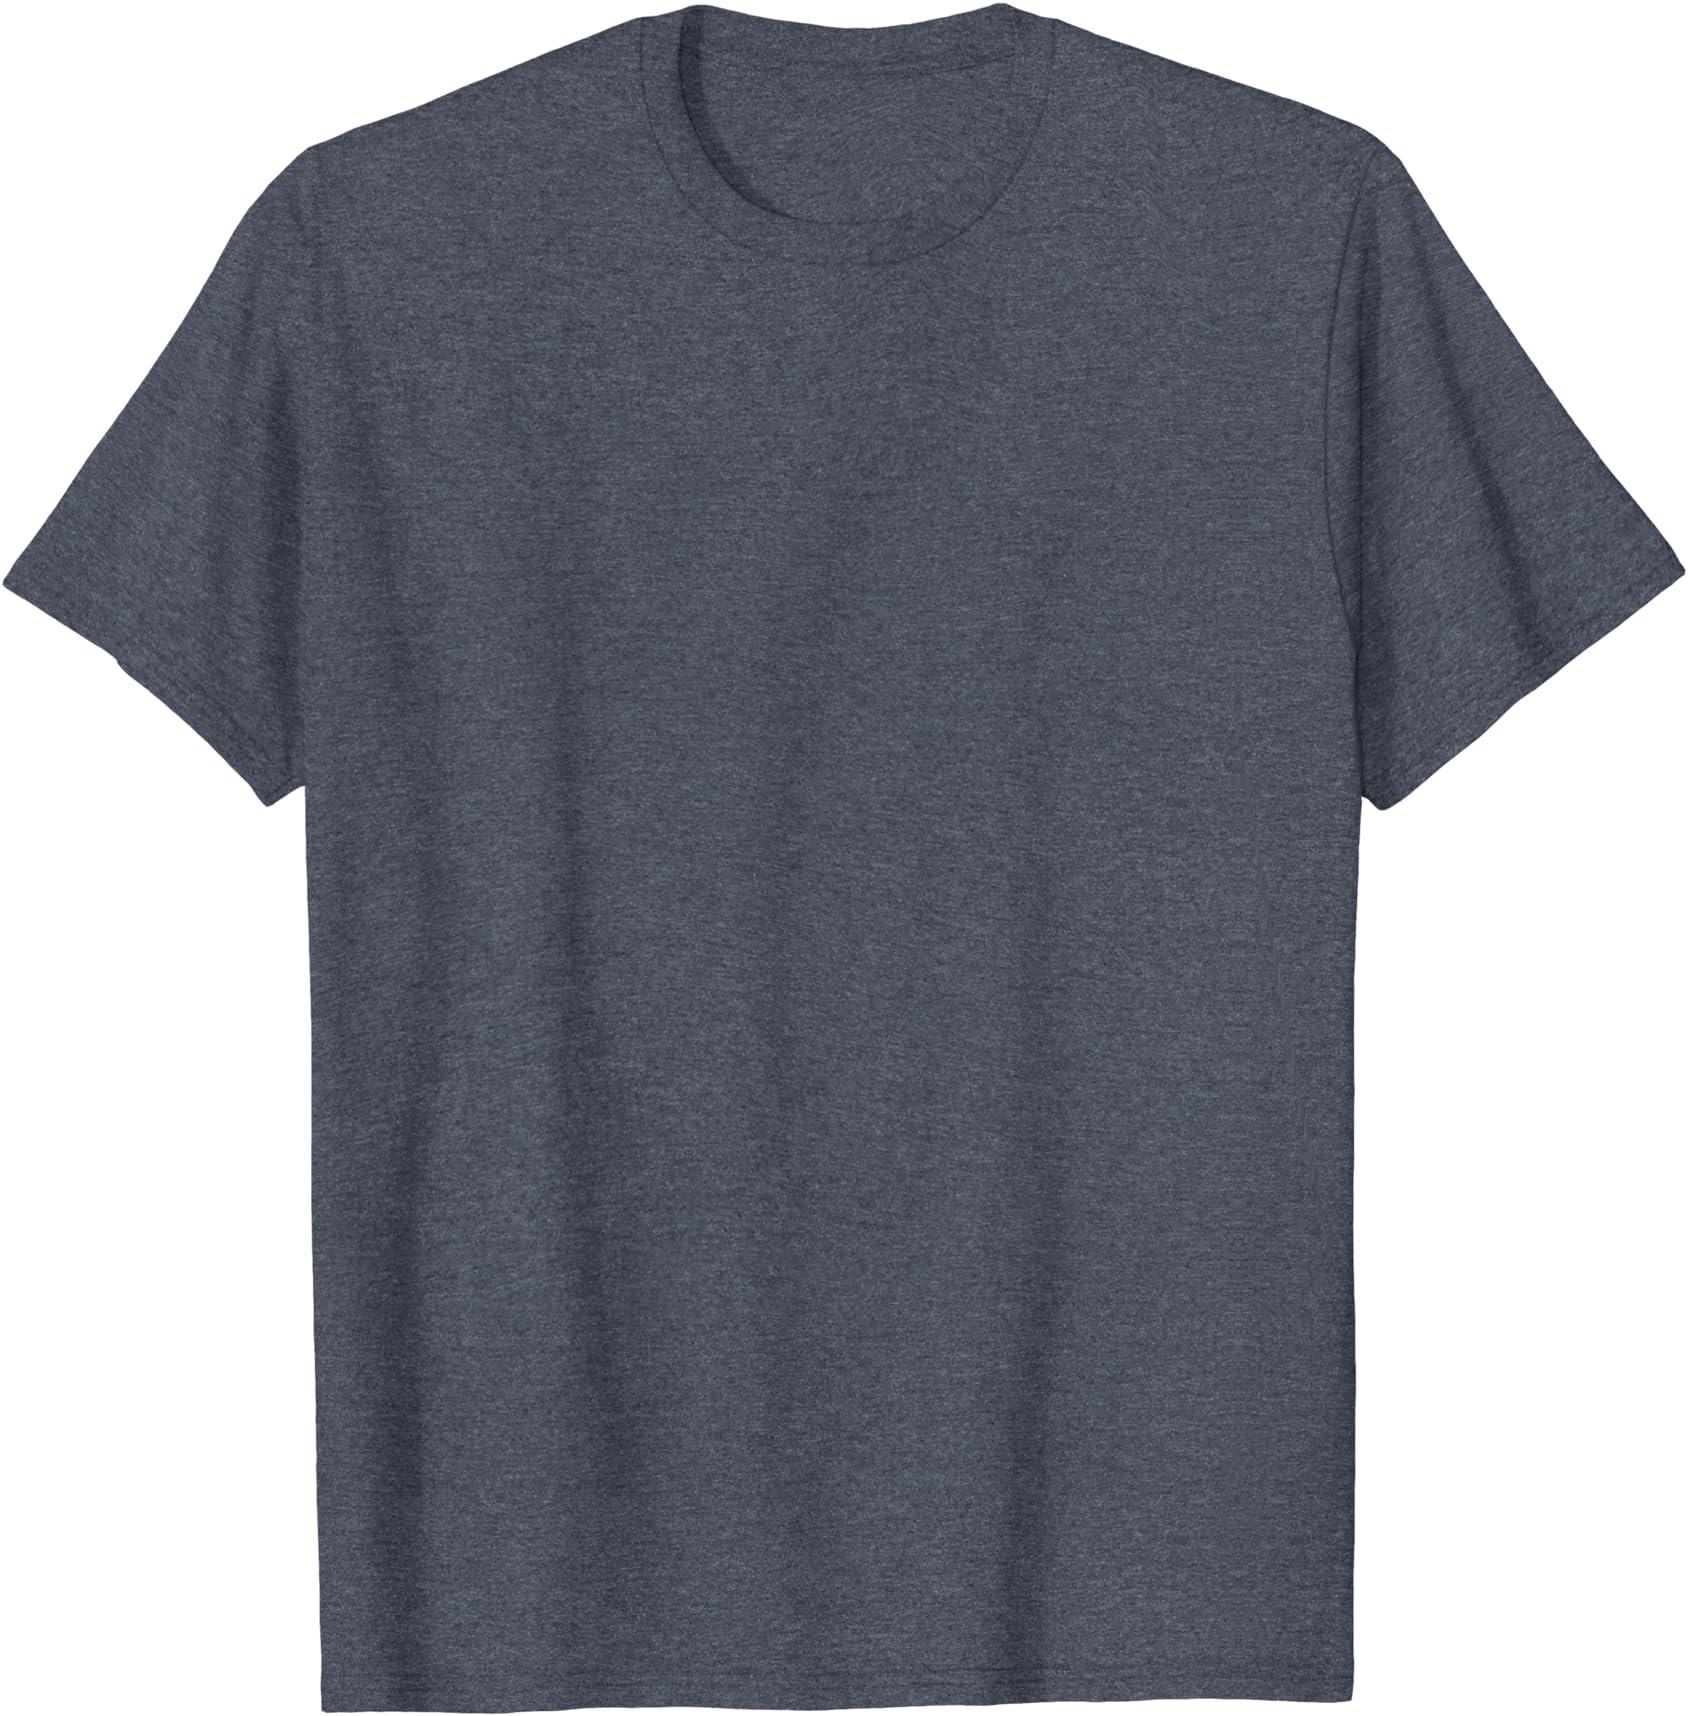 Fishing Apocolyptic kid PRINTED T-SHIRT  tee-shirt tshirt Art sport